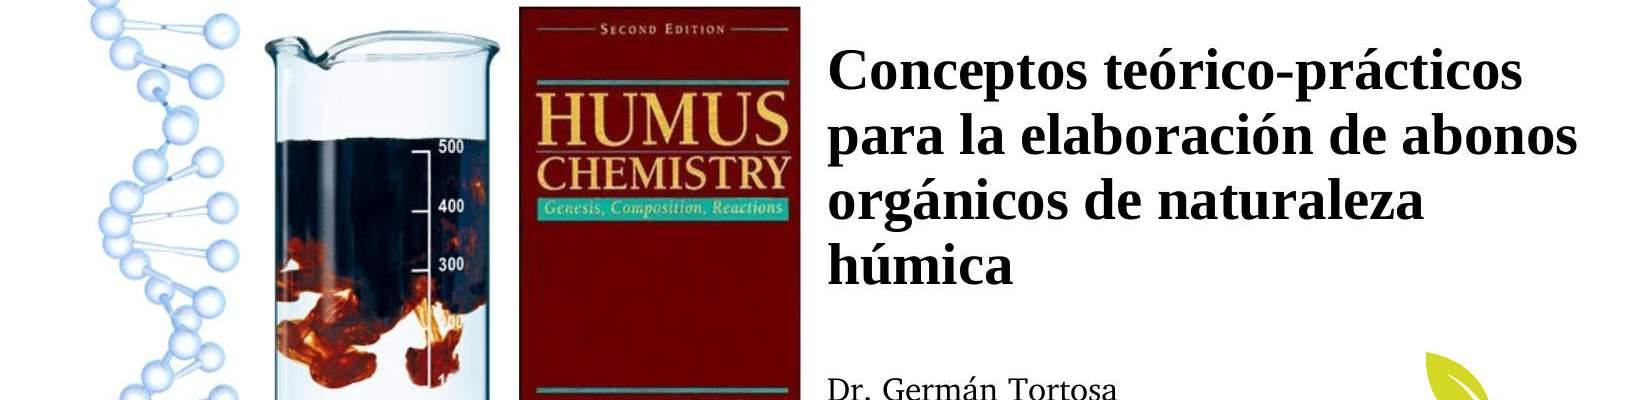 """Clase """"Conceptos teórico-prácticos para elaborar abonos de naturaleza húmica"""" (2ª edición, julio de 2017)"""